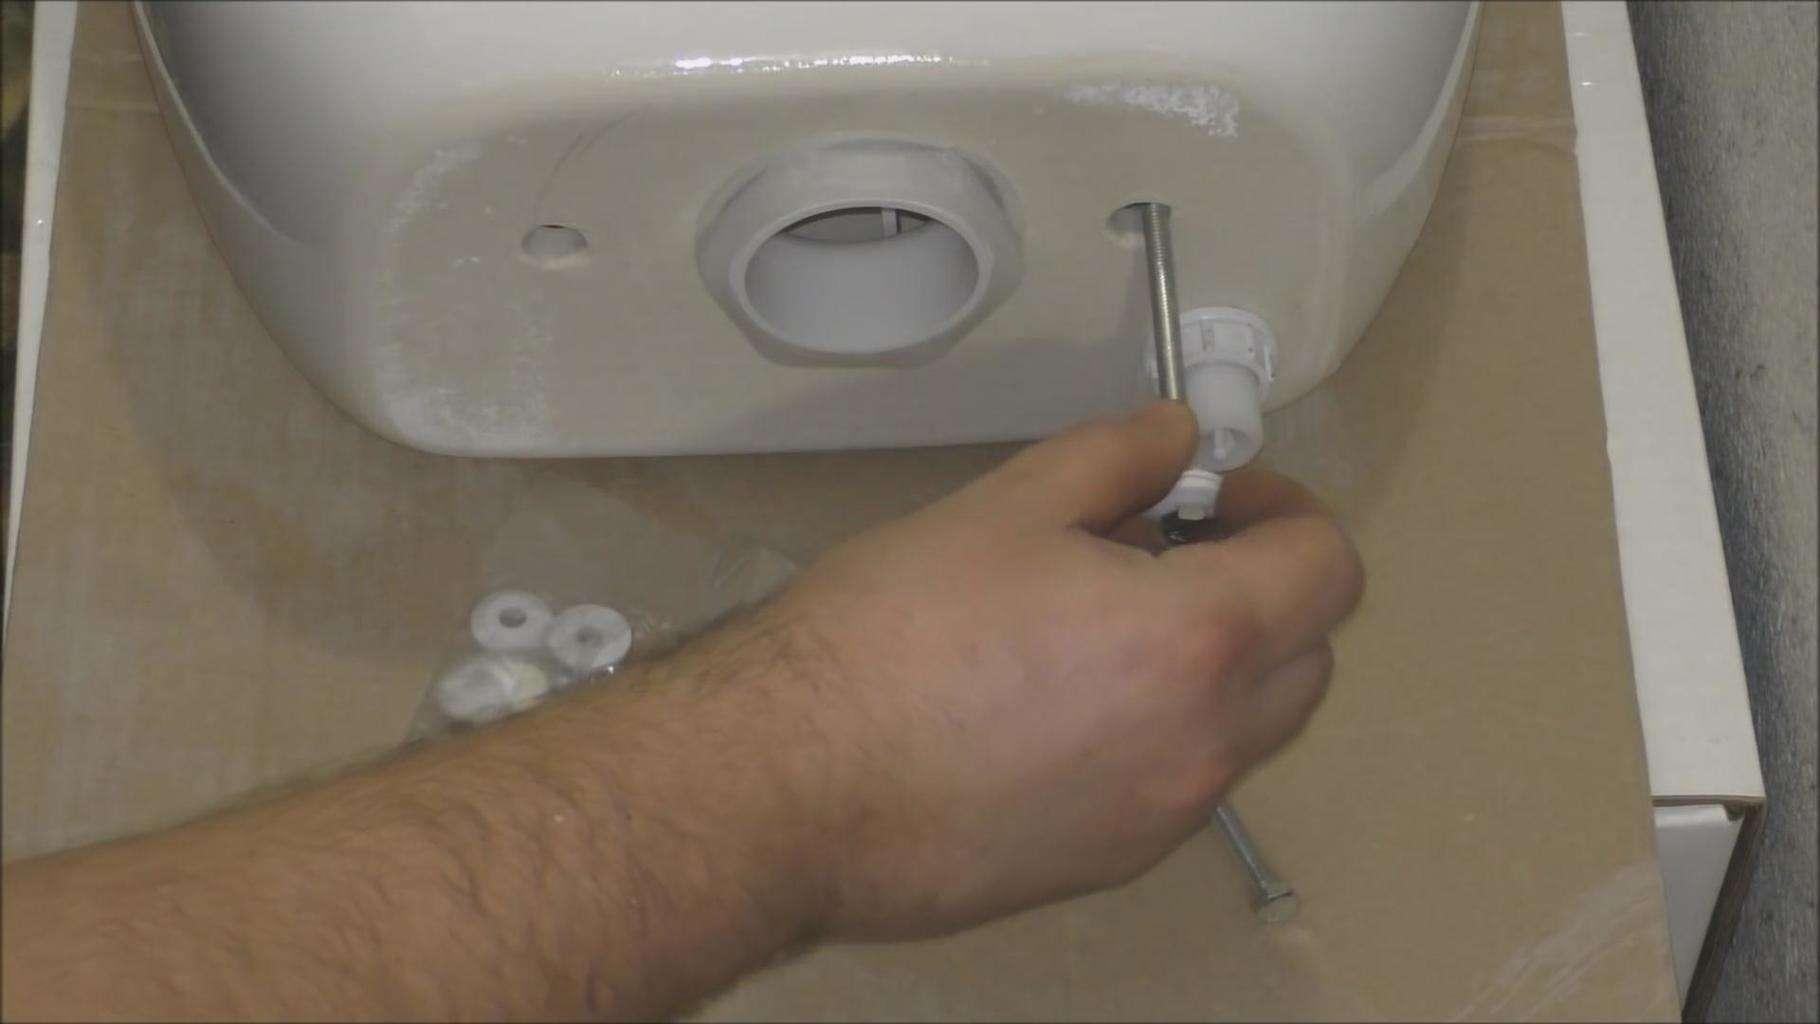 Чем в домашних условиях заклеить треснувший бачок унитаза, лучшие средства и инструкция